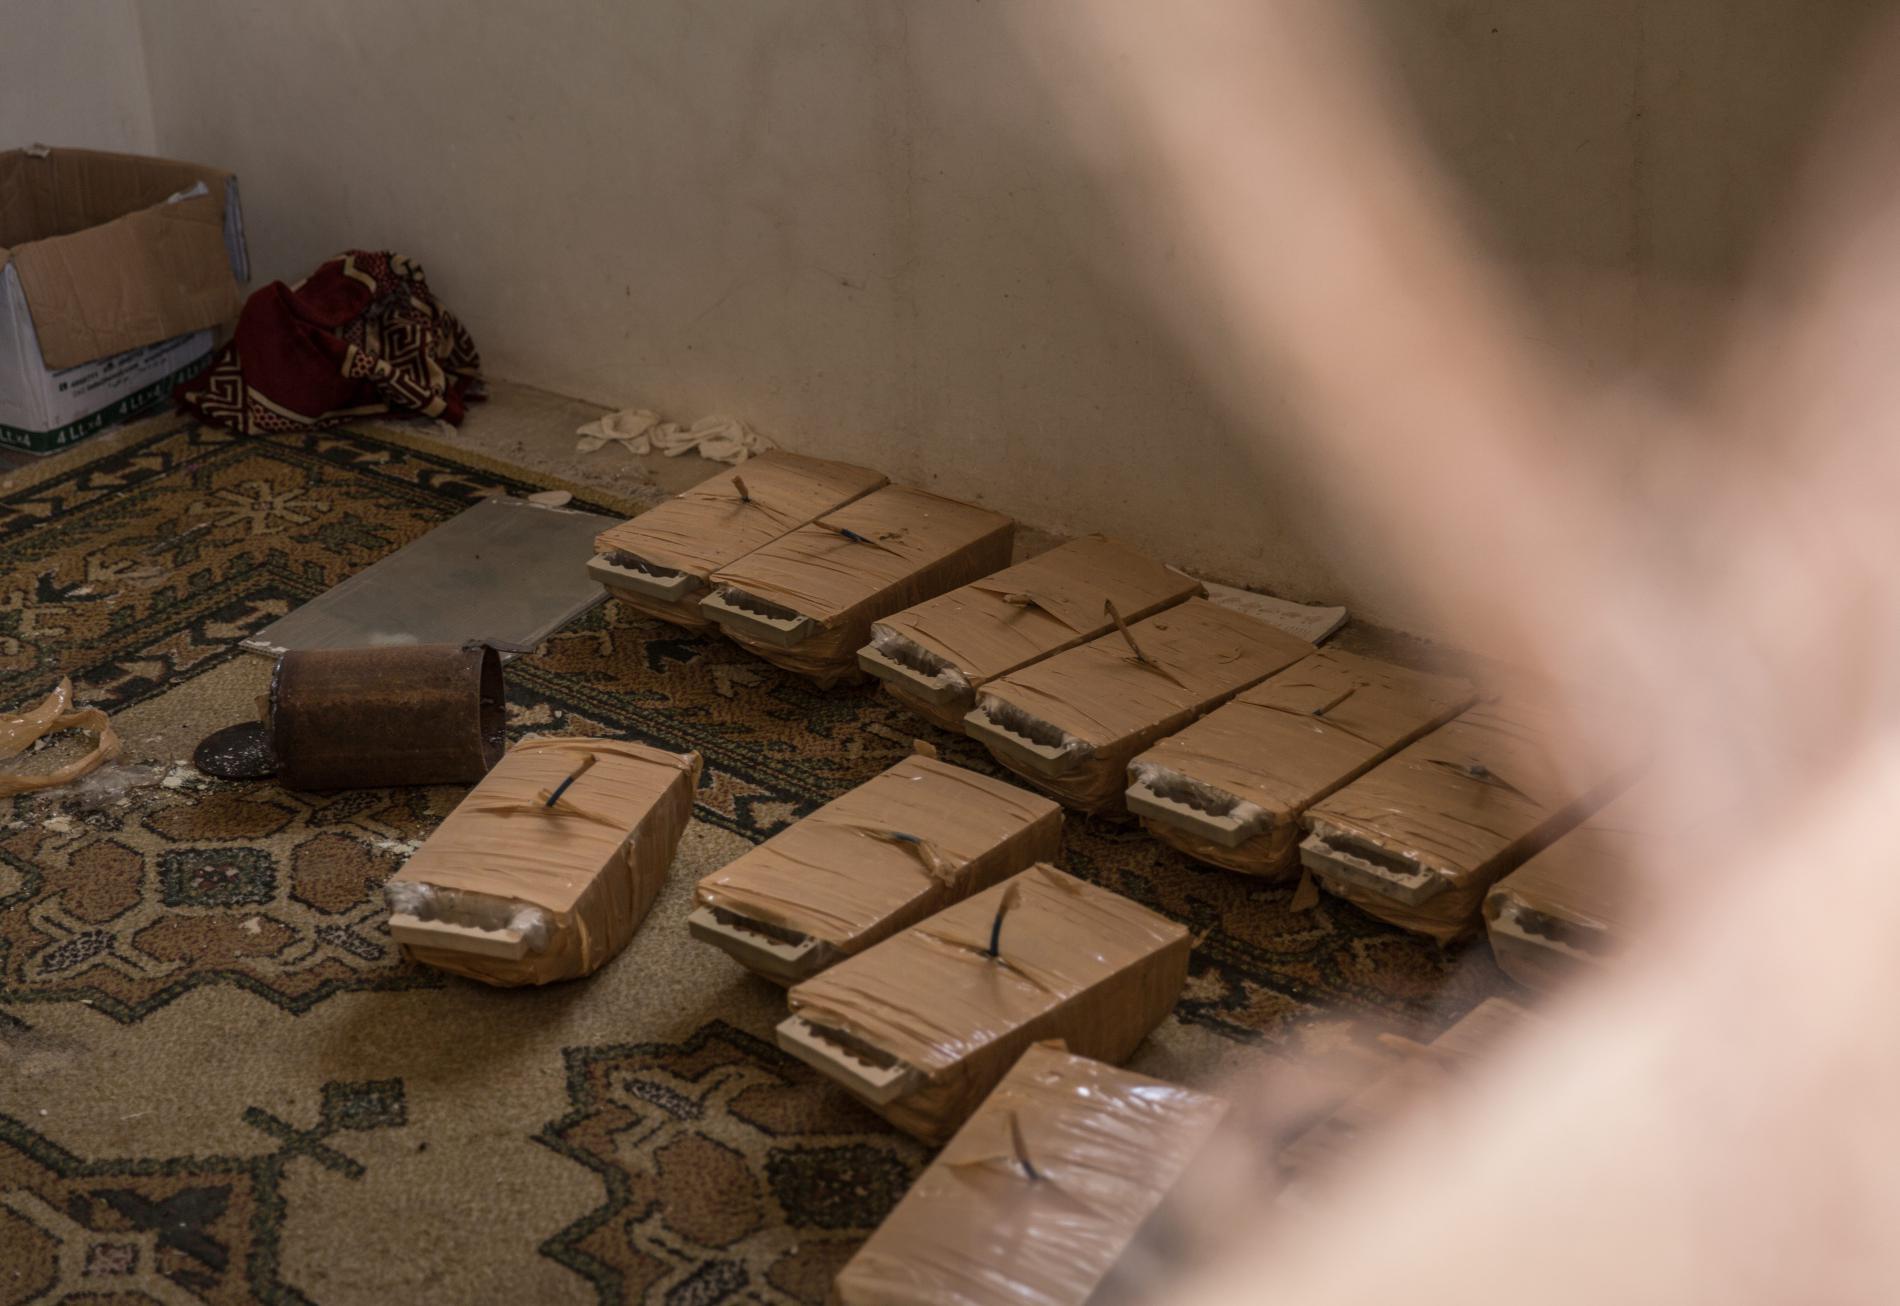 Des mines dans une maison abandonnée par le groupe Etat islamique, à Raqqa (Syrie), le 5 juillet 2017.